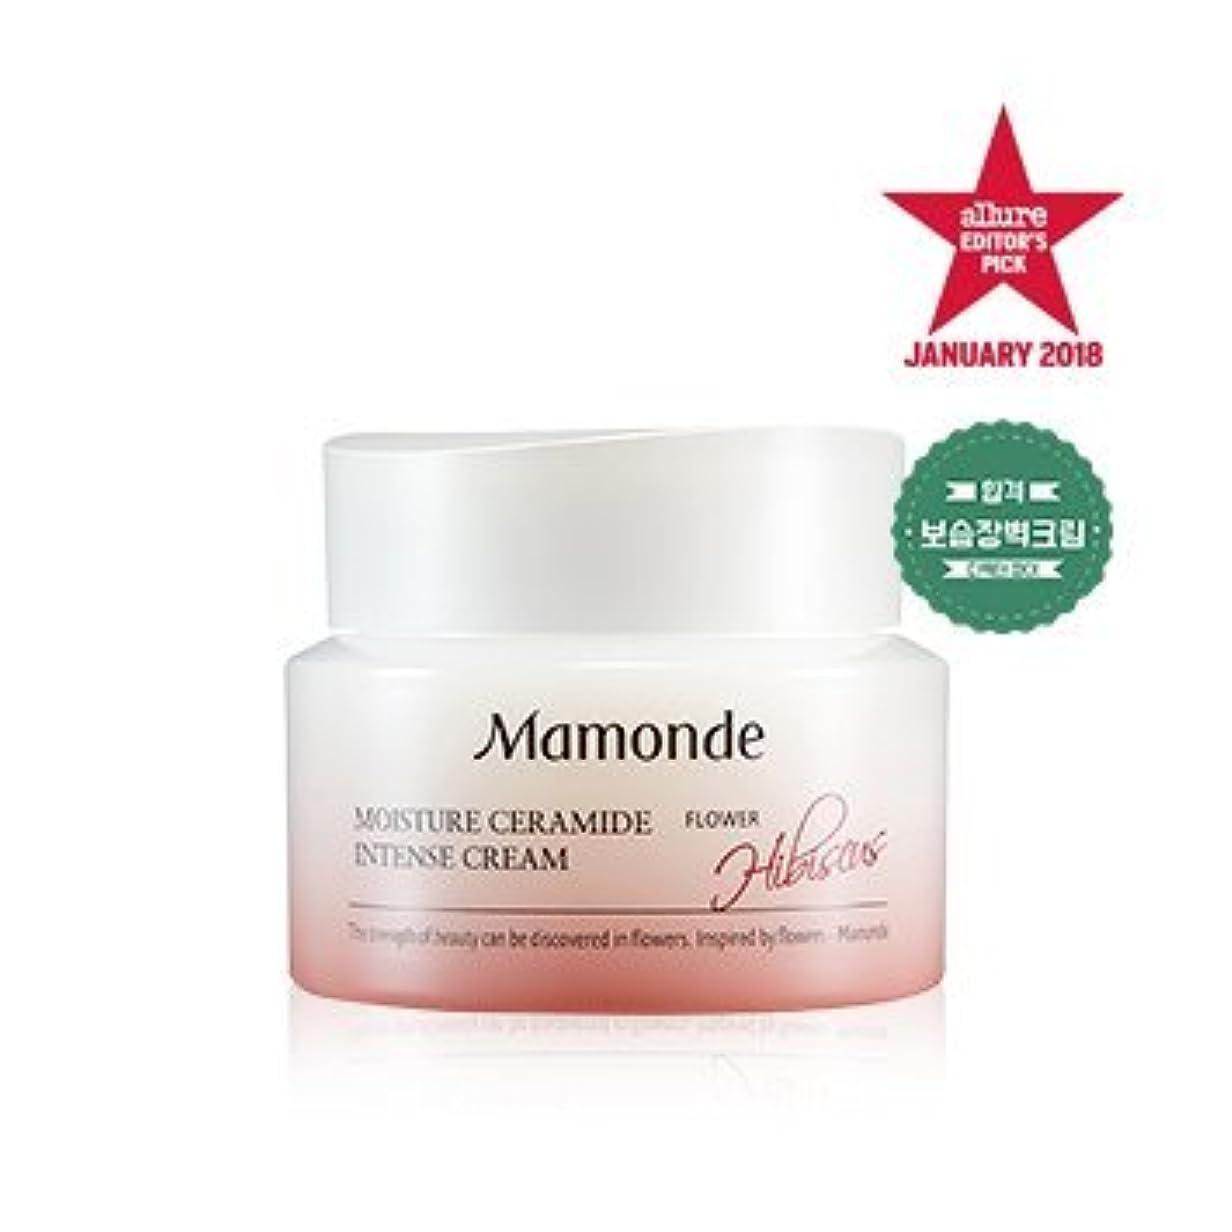 スカリー押し下げるおしゃれな[MAMONDE] モイスチャーセラミドインテンシブクリーム / Moisture Ceramide Intense cream 50ml [並行輸入品]